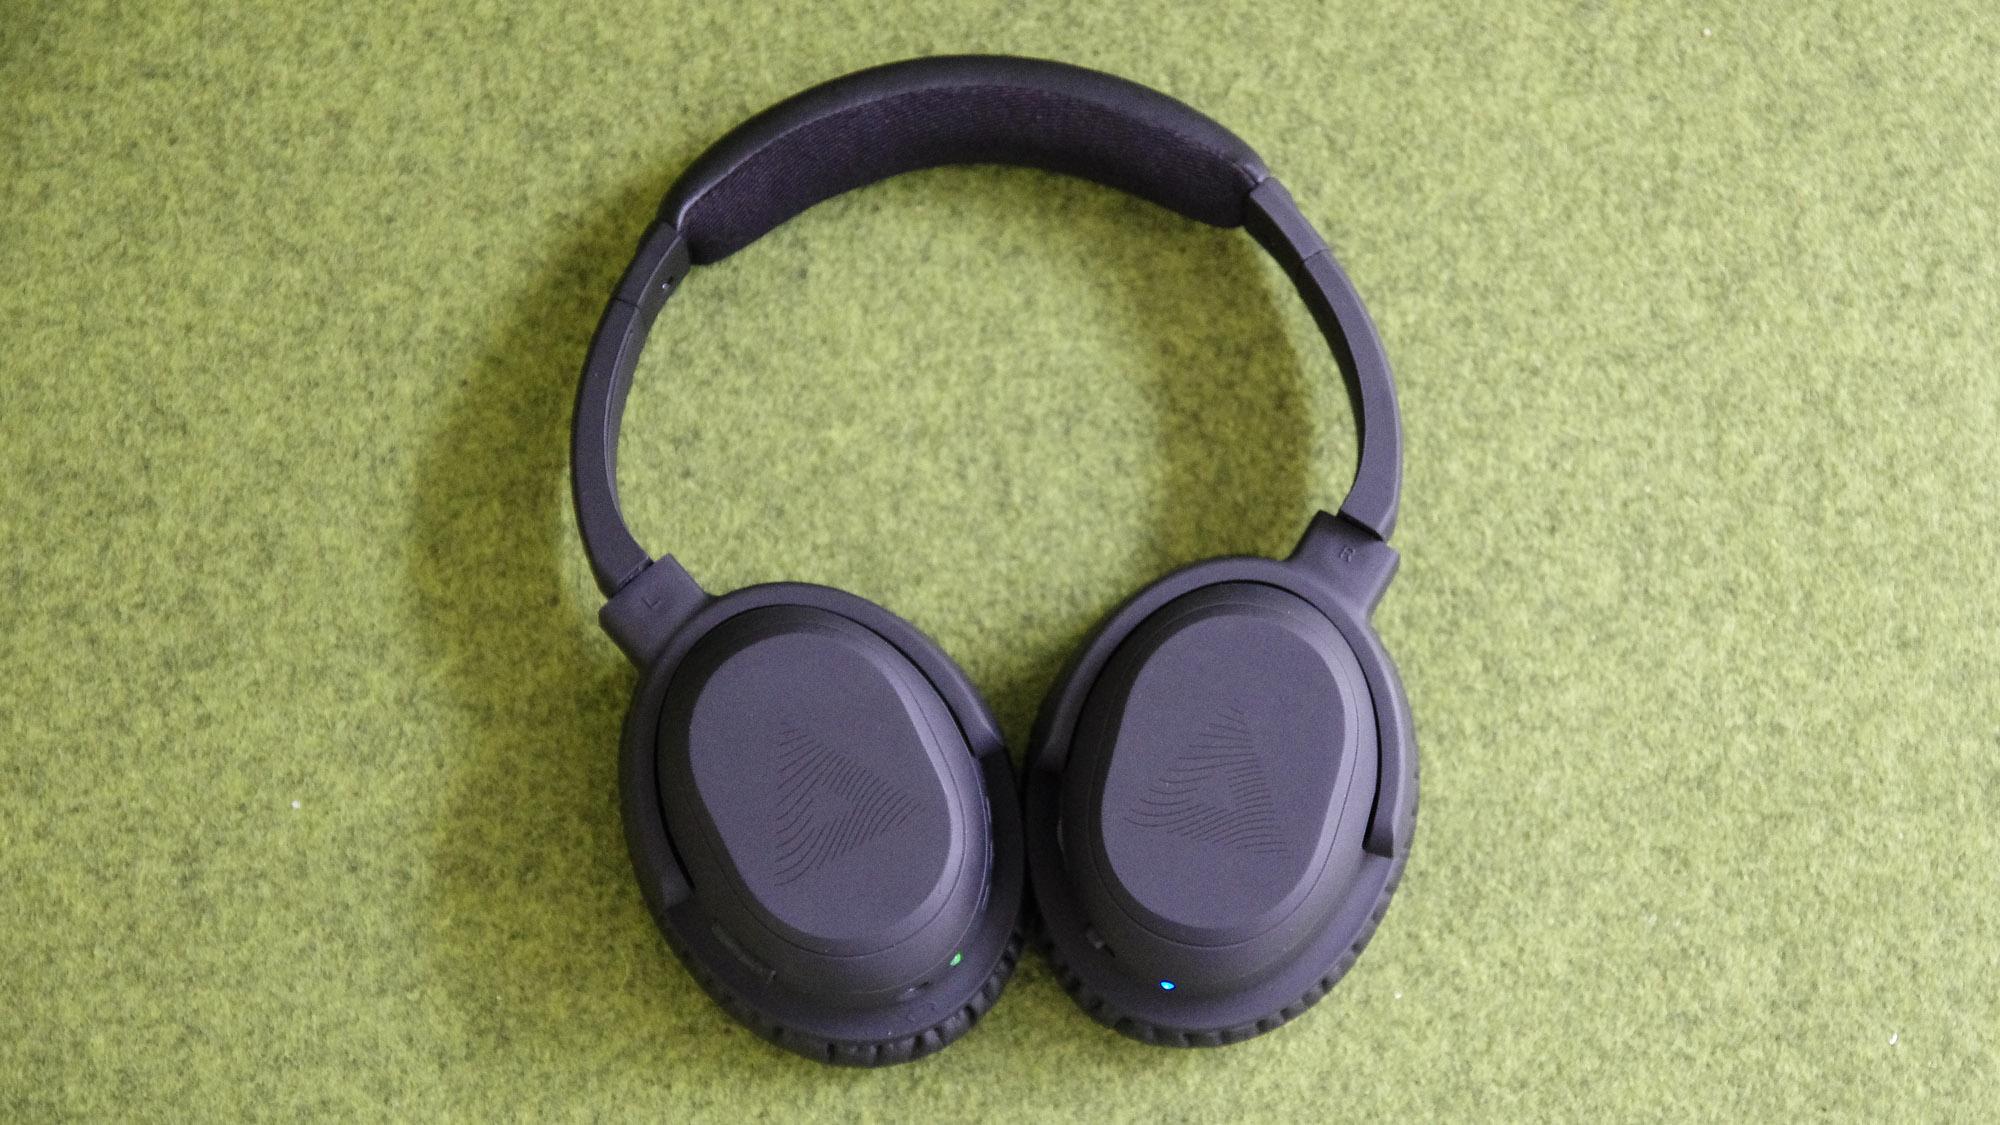 Audeara Headphones A Kickstarter With